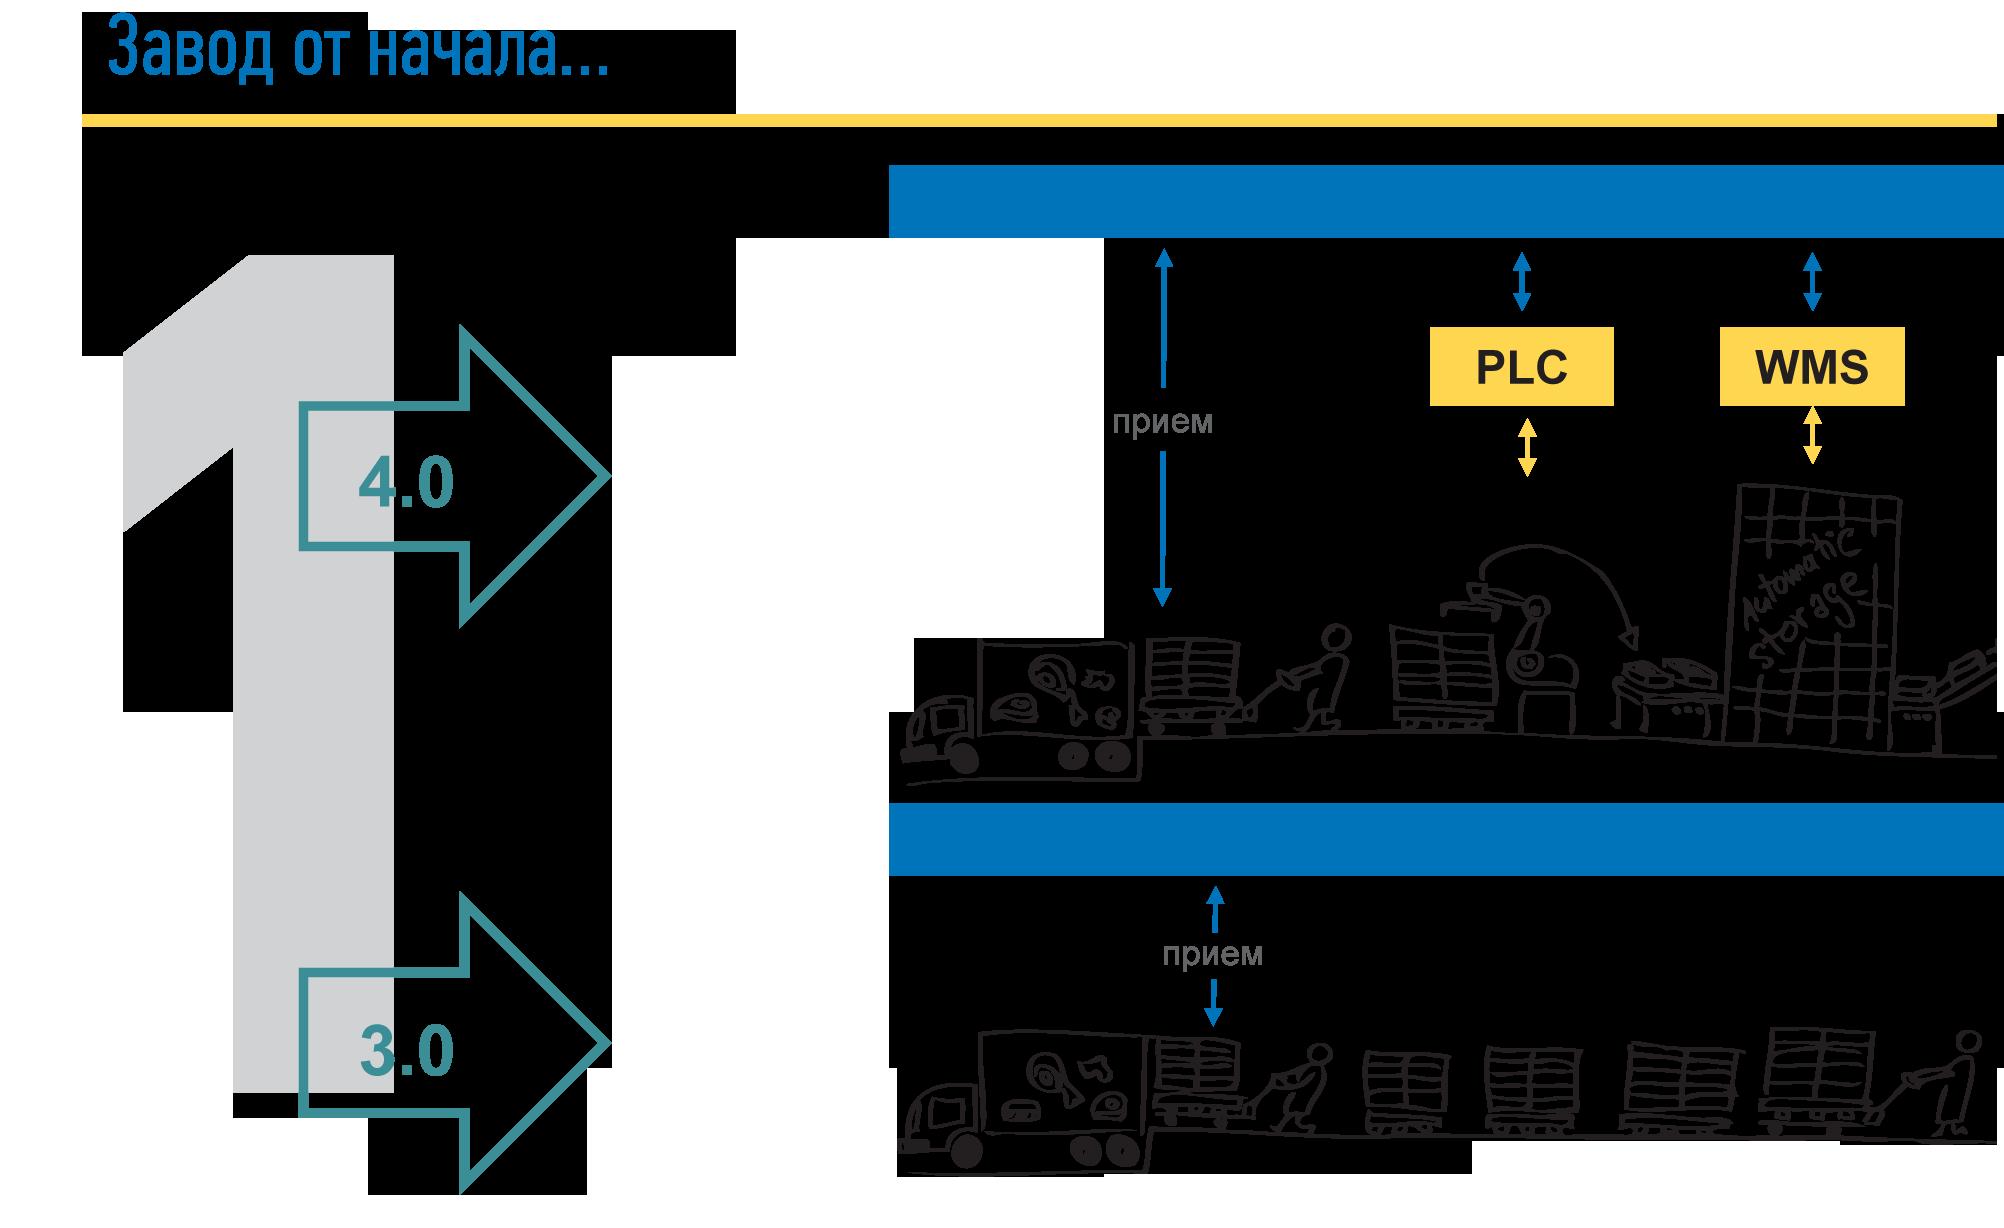 проект завода ПАО «Группа Черкизово», самый автоматизированным мясоперерабатывающий завод в Европе